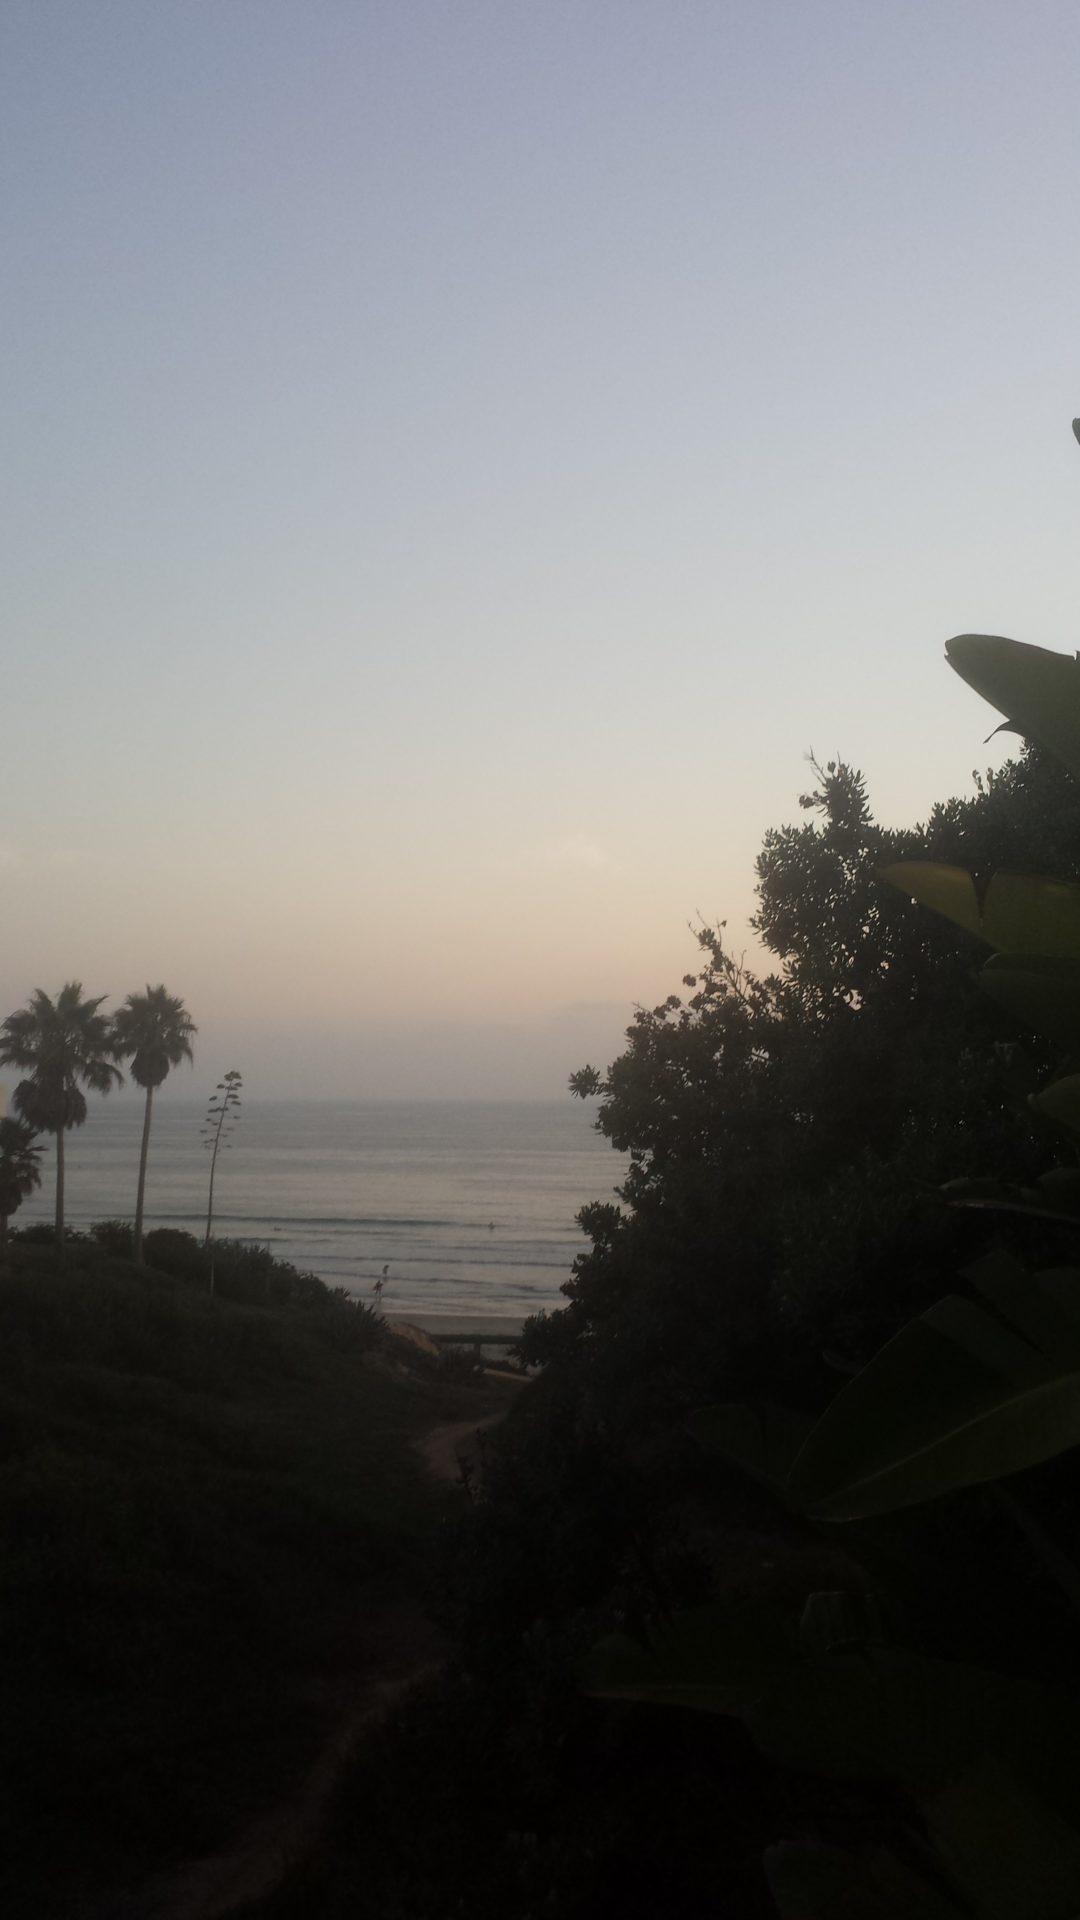 A Hazy Sunset